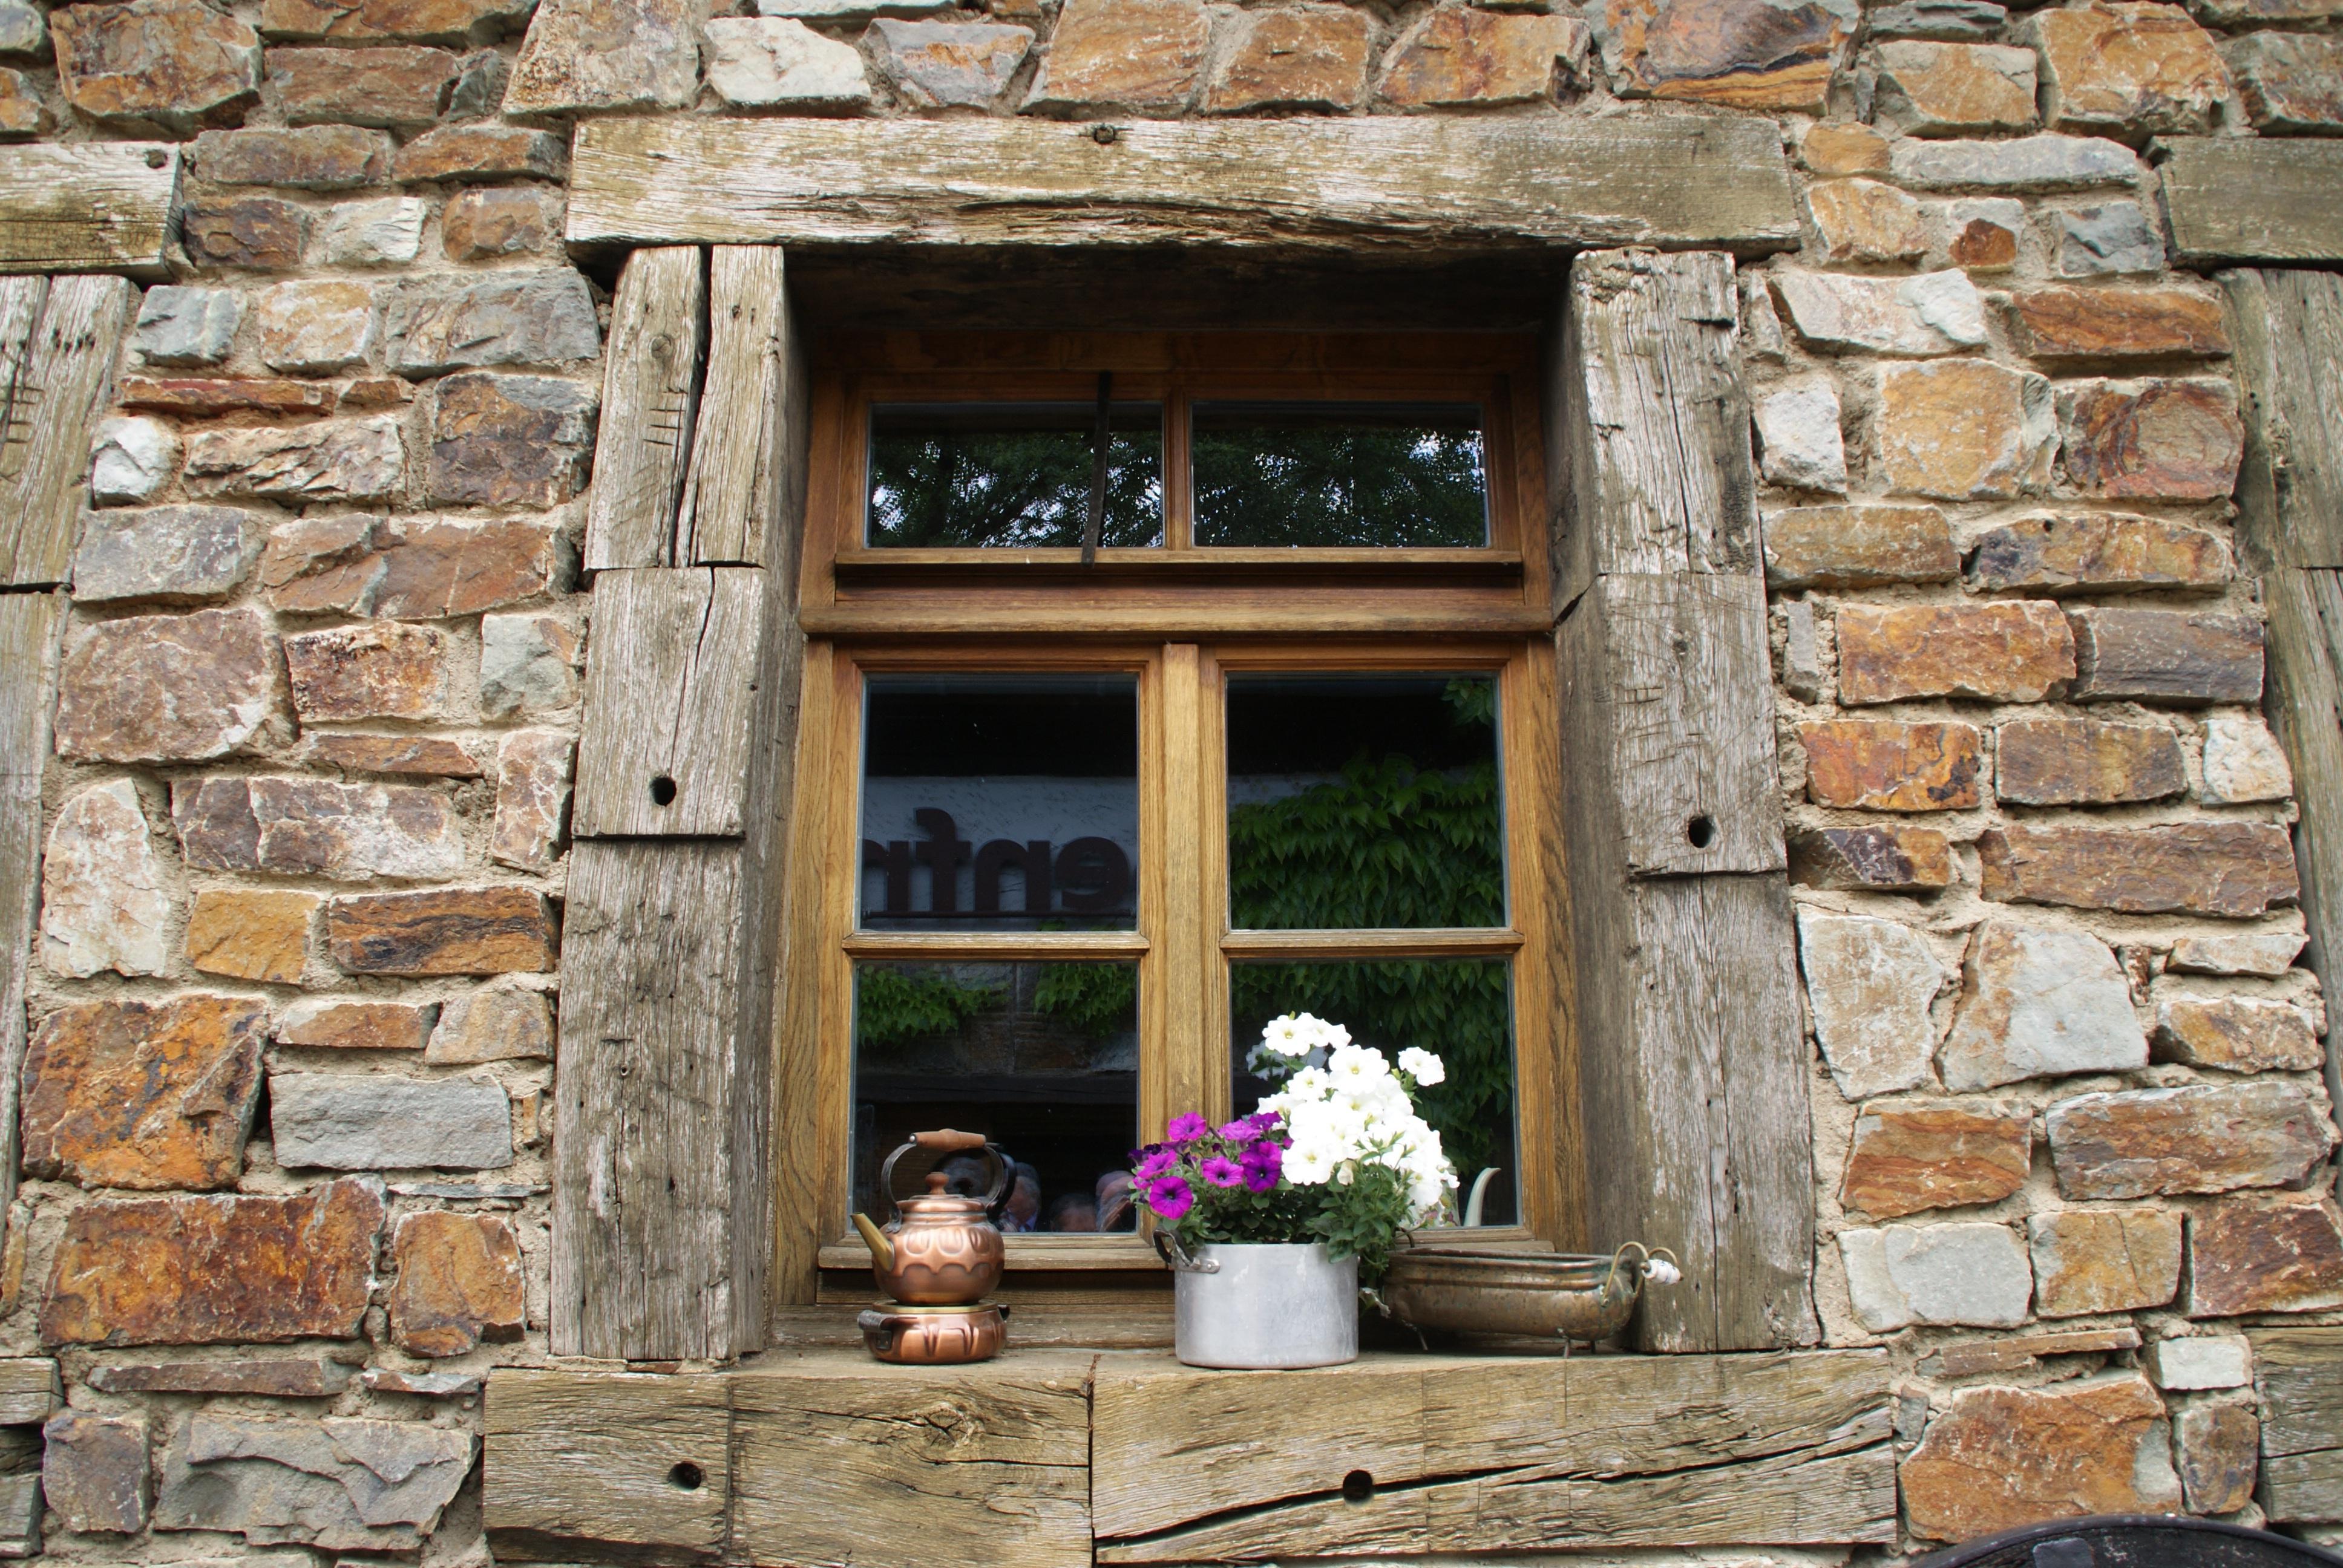 Best immagini belle roccia legna finestra costruzione for Piani di casa cottage gotico